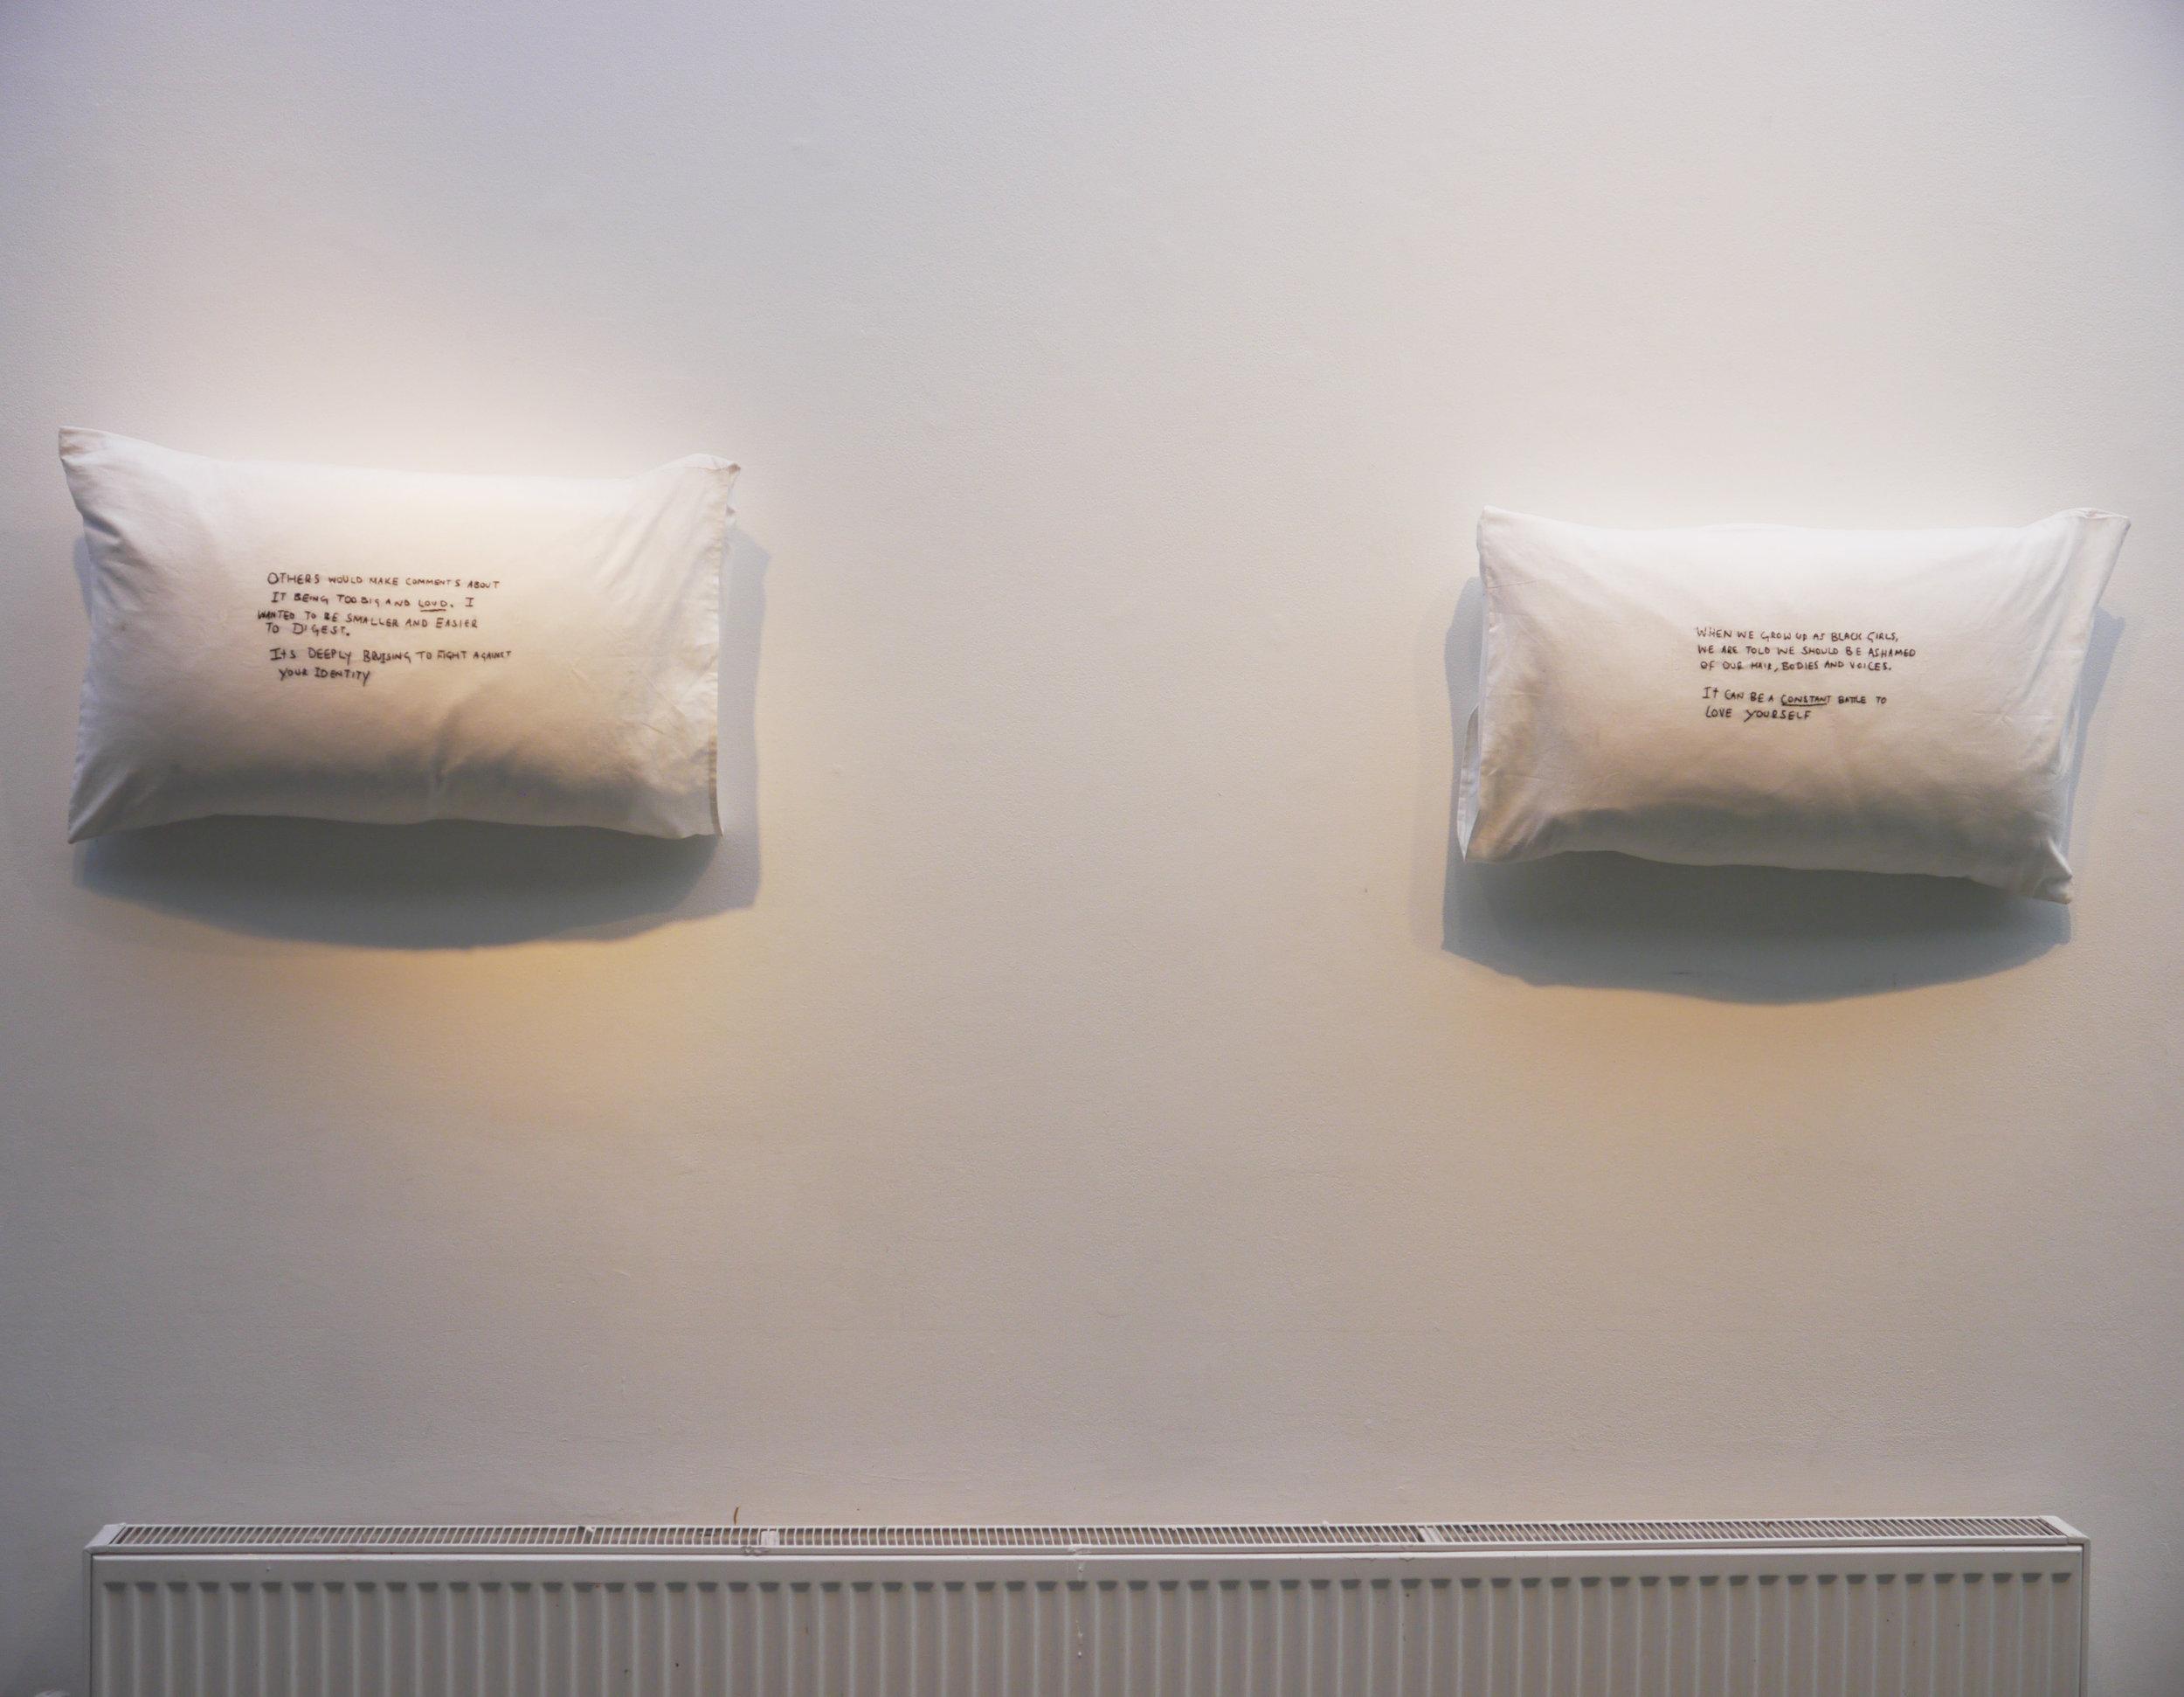 Pillow Talk_Diana Chire_Hair Manifesto_cotton, pillow, thread, human hair.